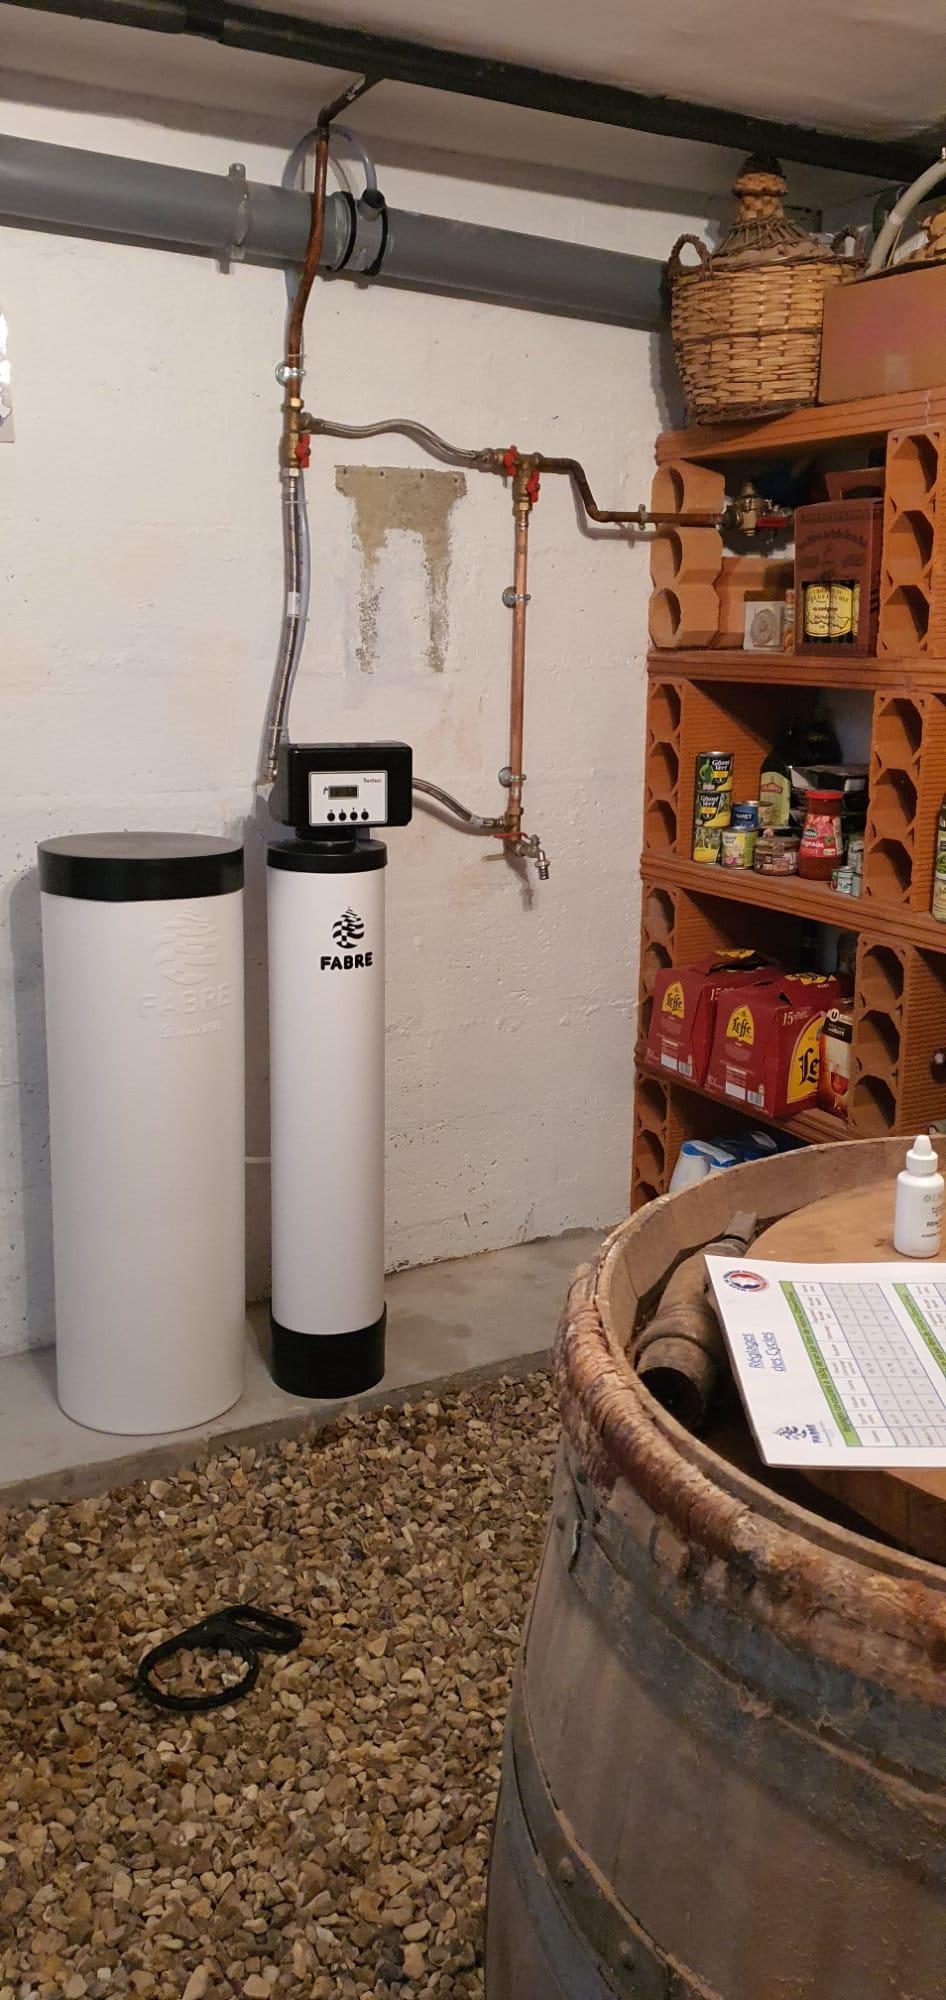 Remplacement de filtres polyphosphates par un adoucisseur d'eau dans une cave au Mans (72)